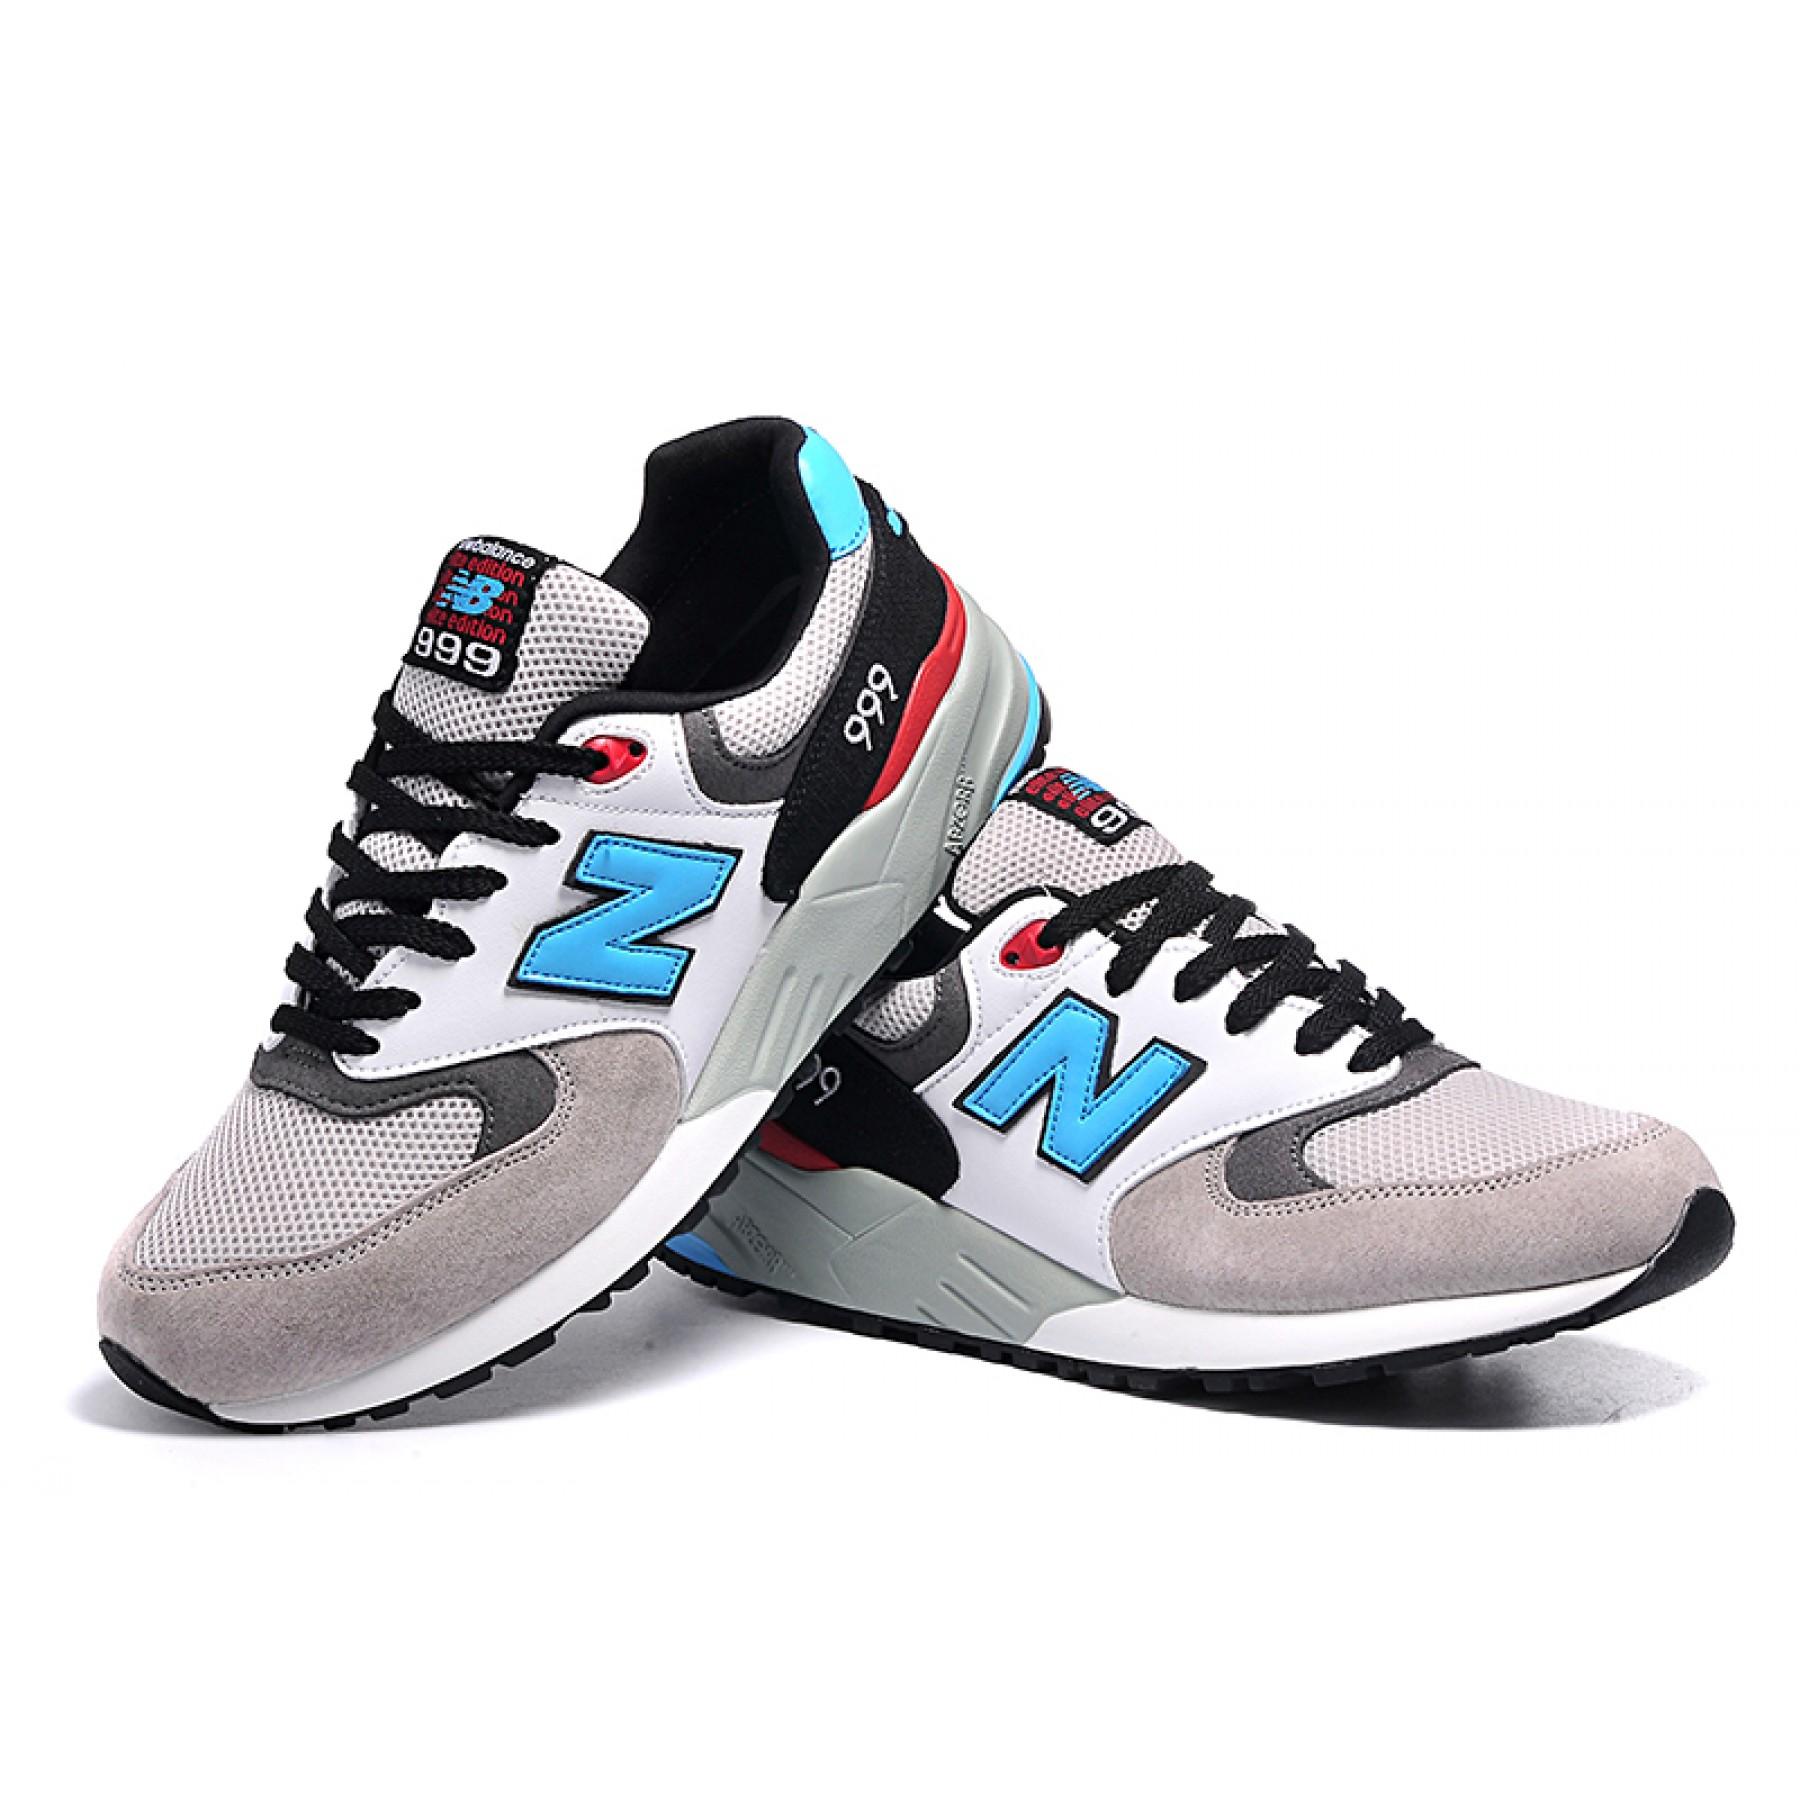 56dc2bf6a59 Tênis New Balance NB 999 Elite Edition Masculino e Feminino Cor Cinza com  Detalhes Azul preto ...